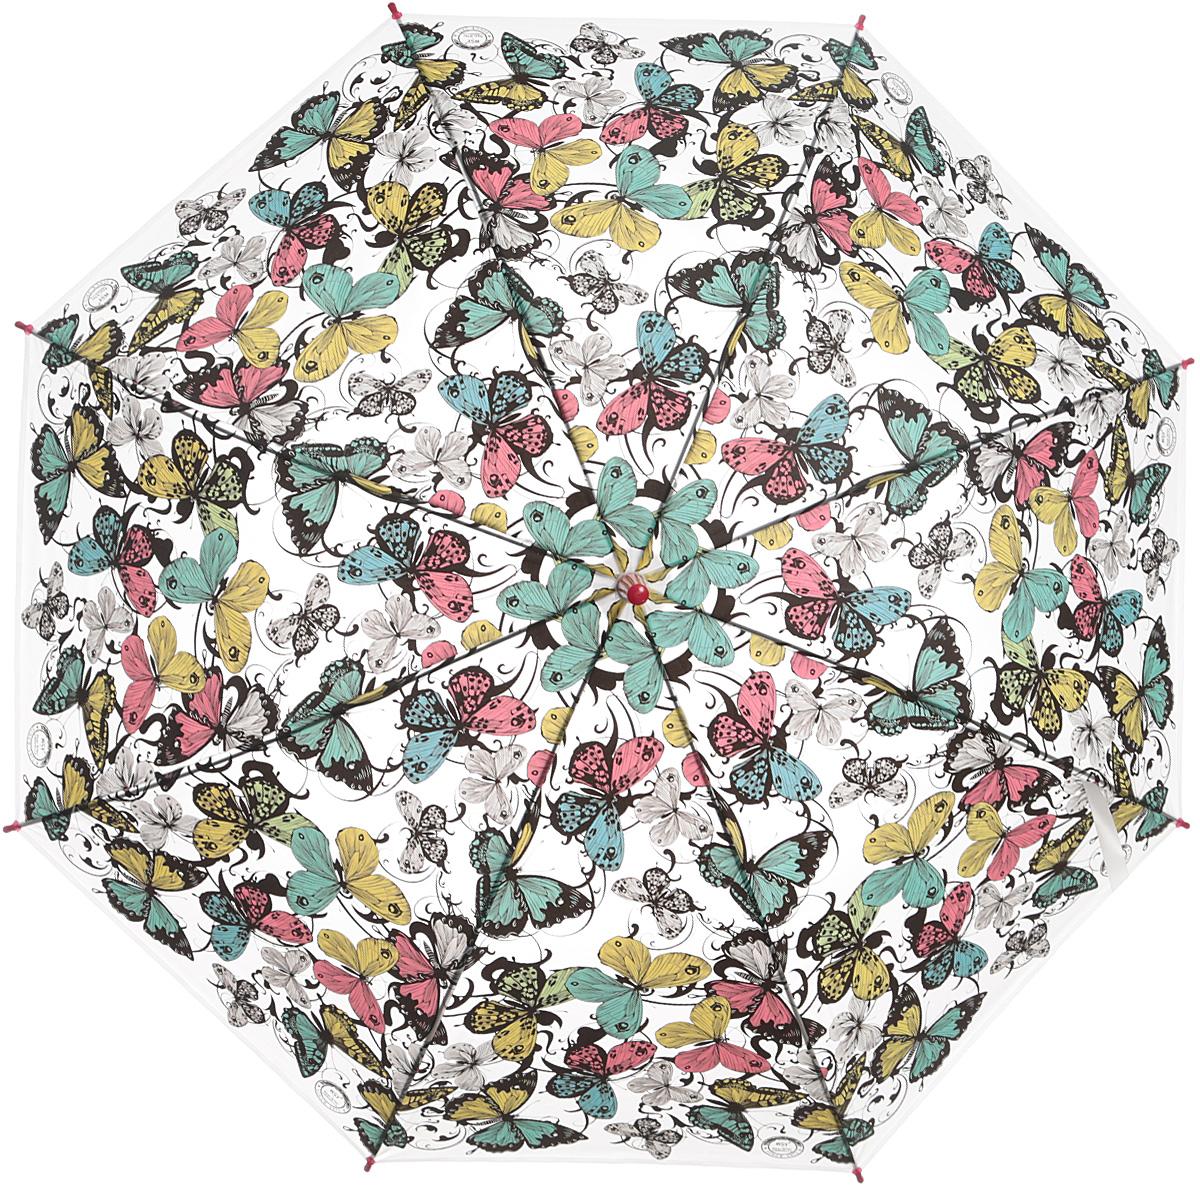 Зонт женский Эврика Бабочки, цвет: голубой, розовый, желтый. 97852CX1516-50-10Зонт-трость полиэтиленовый, диаметр купола 110 см, длинна трости 80 см.Упаковка: пакет прозрачный.